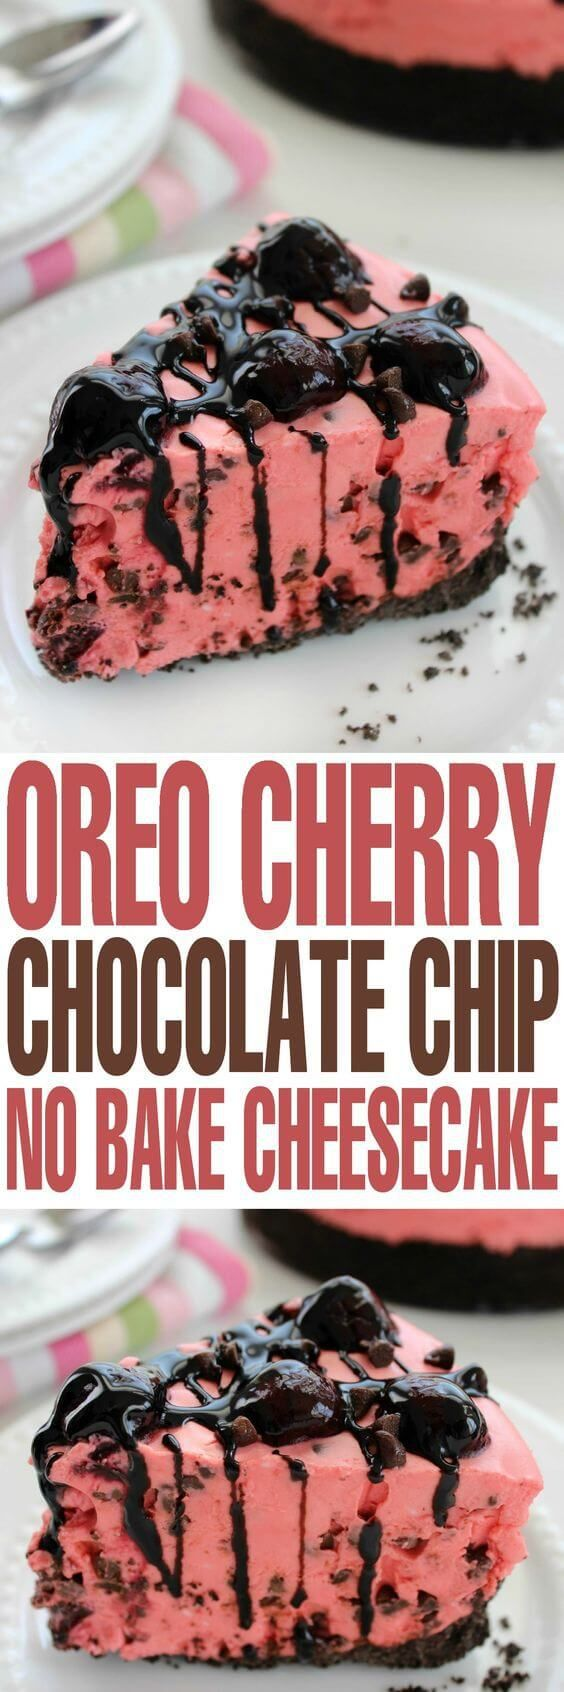 OREO CHERRY CHOCOLATE CHIP NO BAKE CHEESECAKE